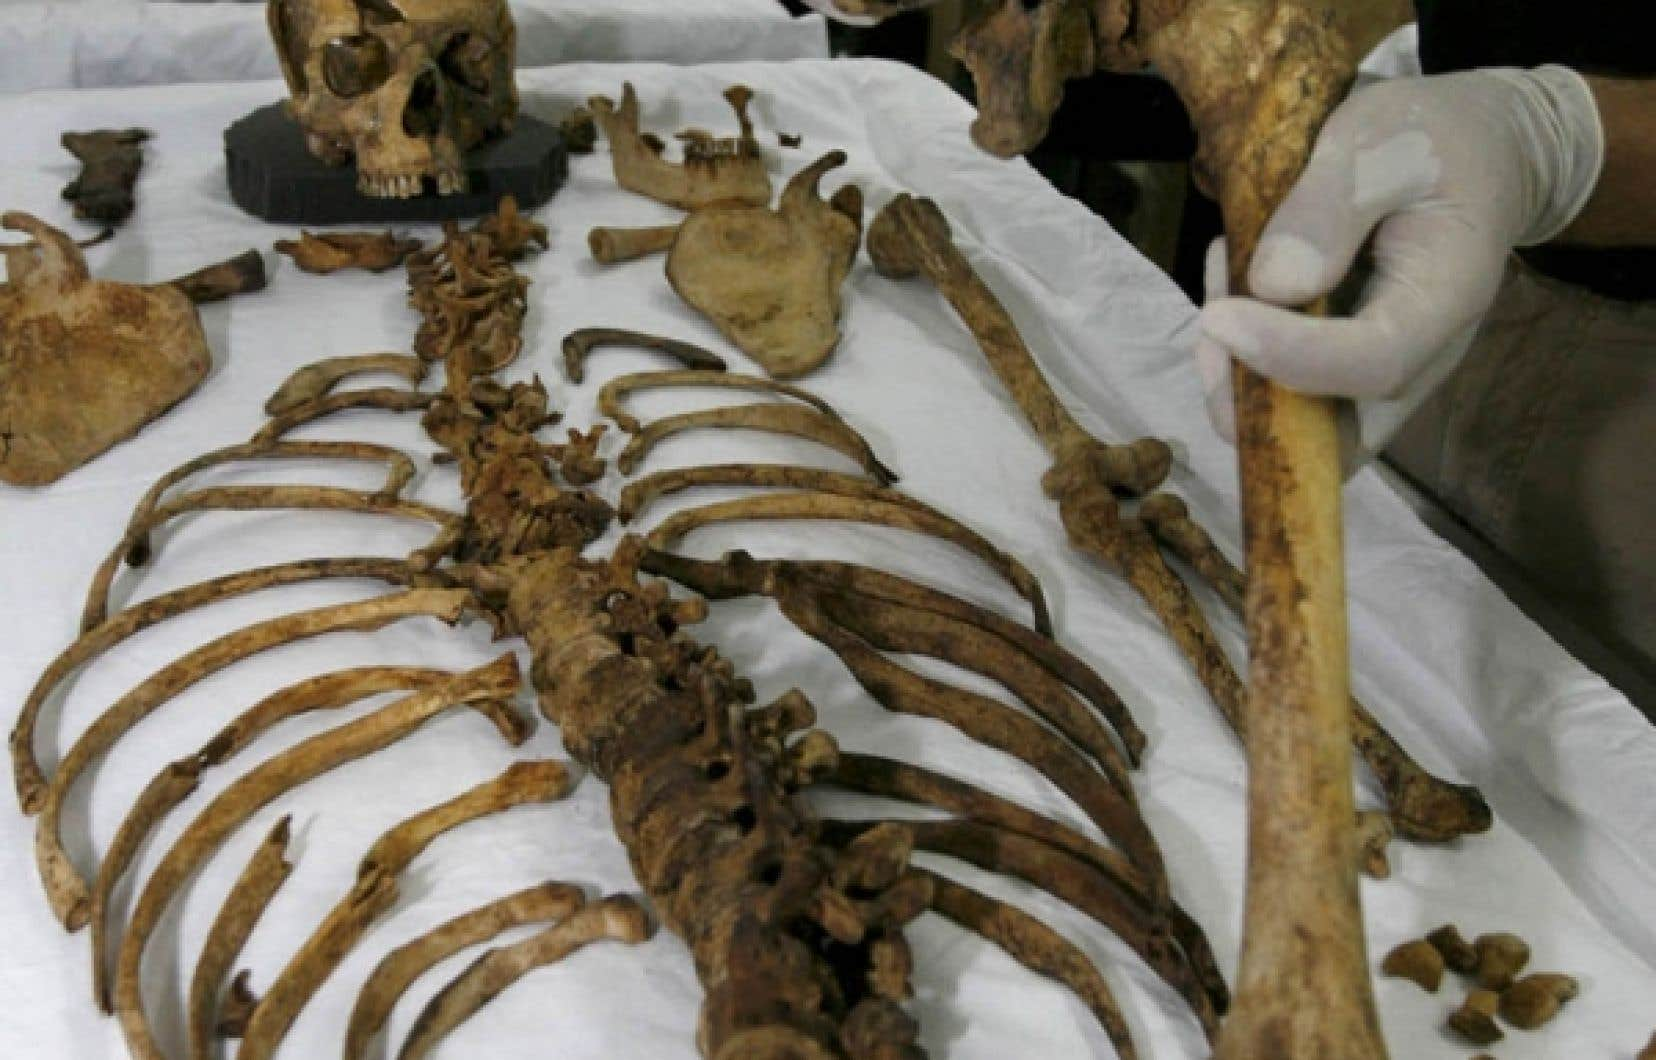 L'anthropologie médico-légale permet de reconstituer des squelettes et leur histoire, comme ce fut le cas après la découverte de fosses communes en Irak.